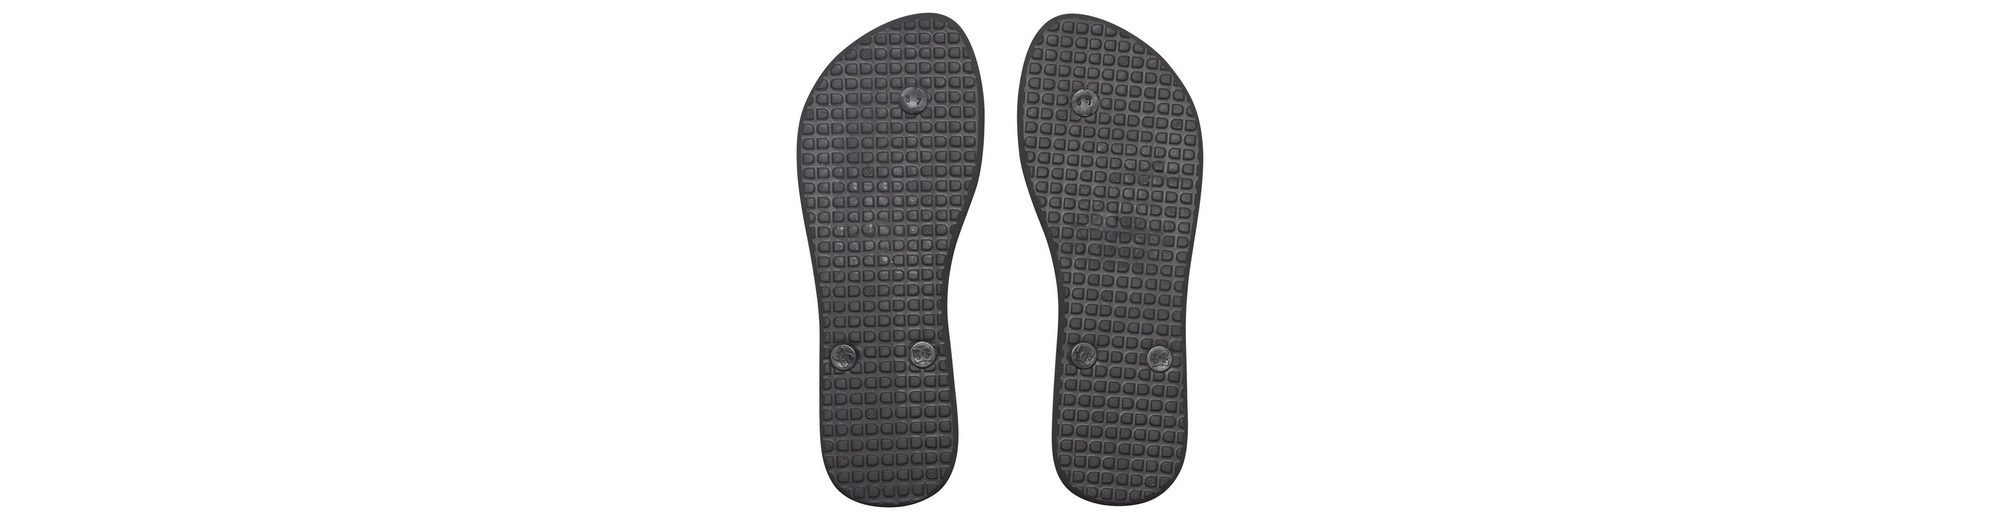 Beliebt Bilder Im Internet DC Shoes Sandalen Spray Graffik Exklusive Online Rabatt Genießen CNcXpdJ